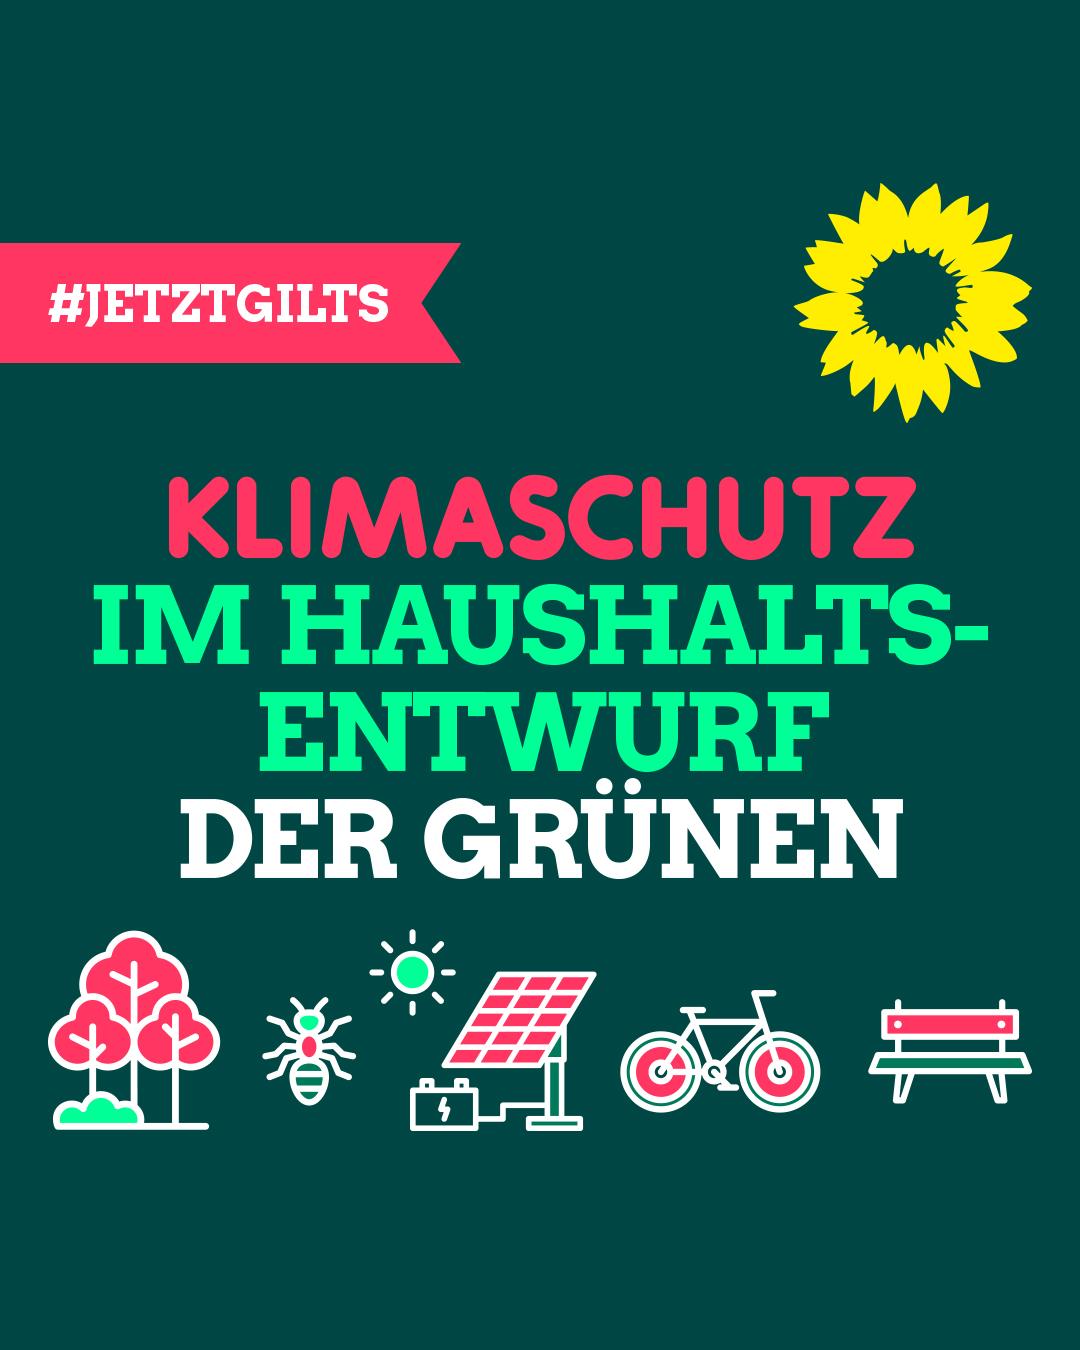 10_GRUENE-HD_Klimaschutzkampagne-2021_S-M_Klimaschutzhaushalt-08_21_05_rz